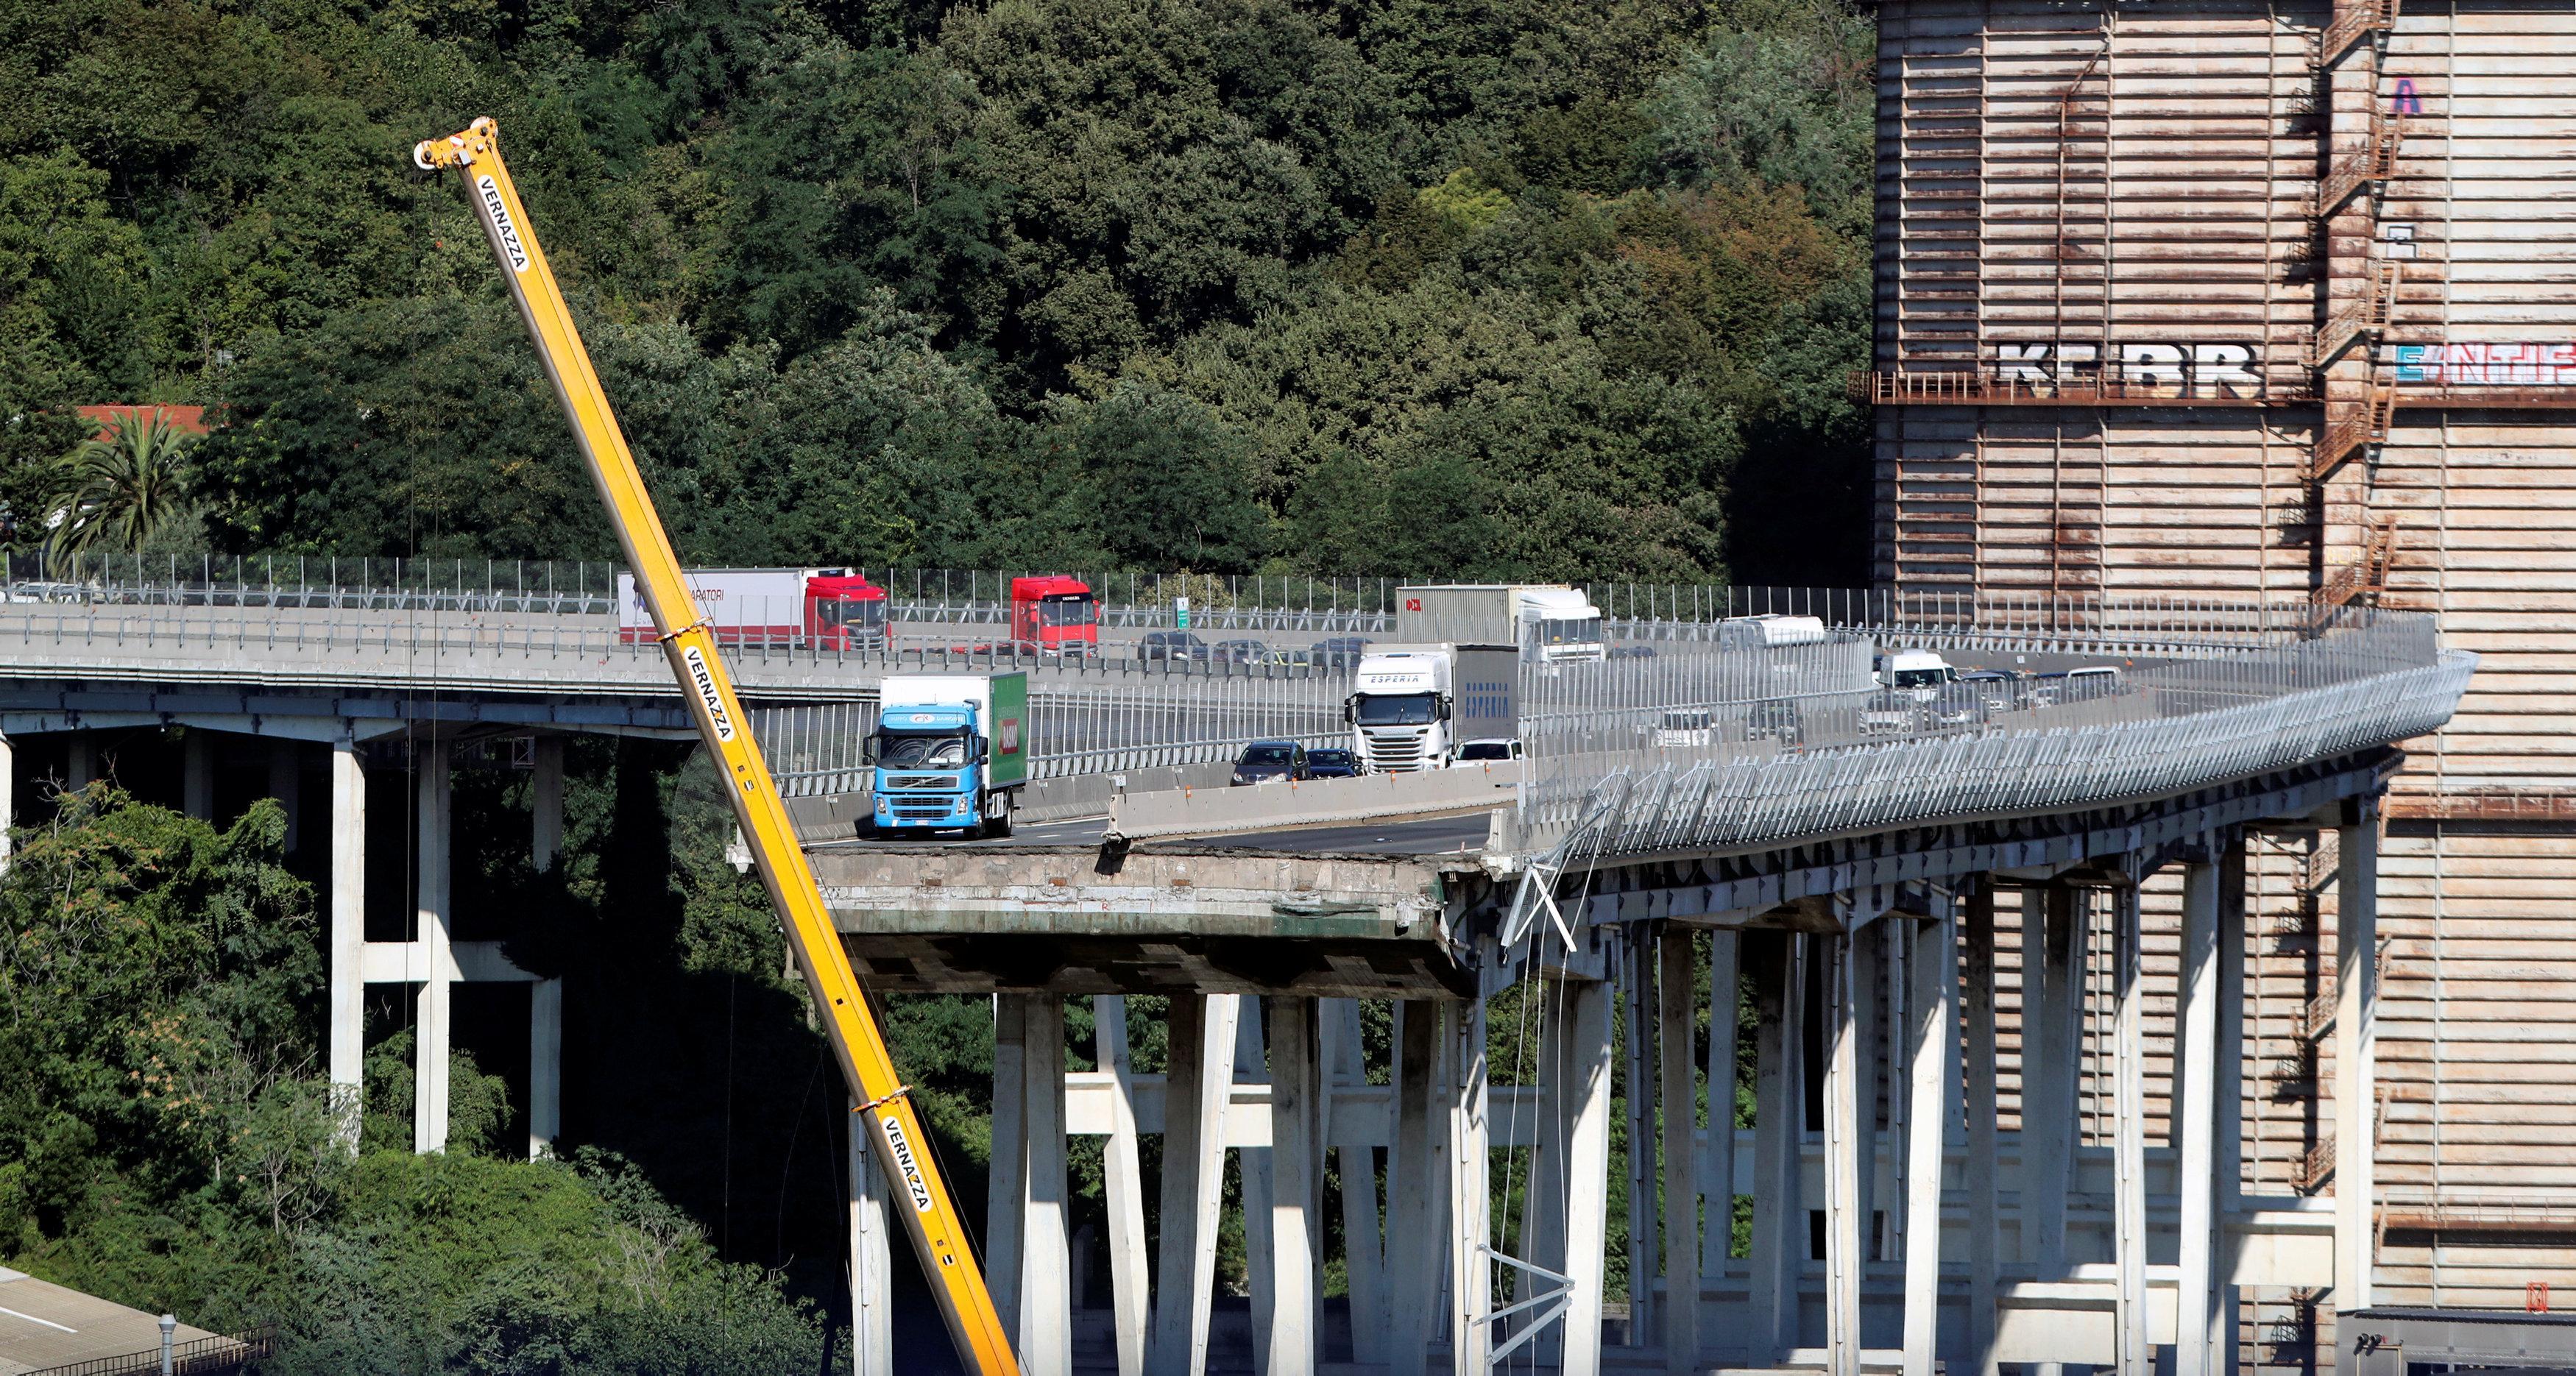 Italia dice que el operador del puente colapsado debe ayudar a financiar la reconstrucción